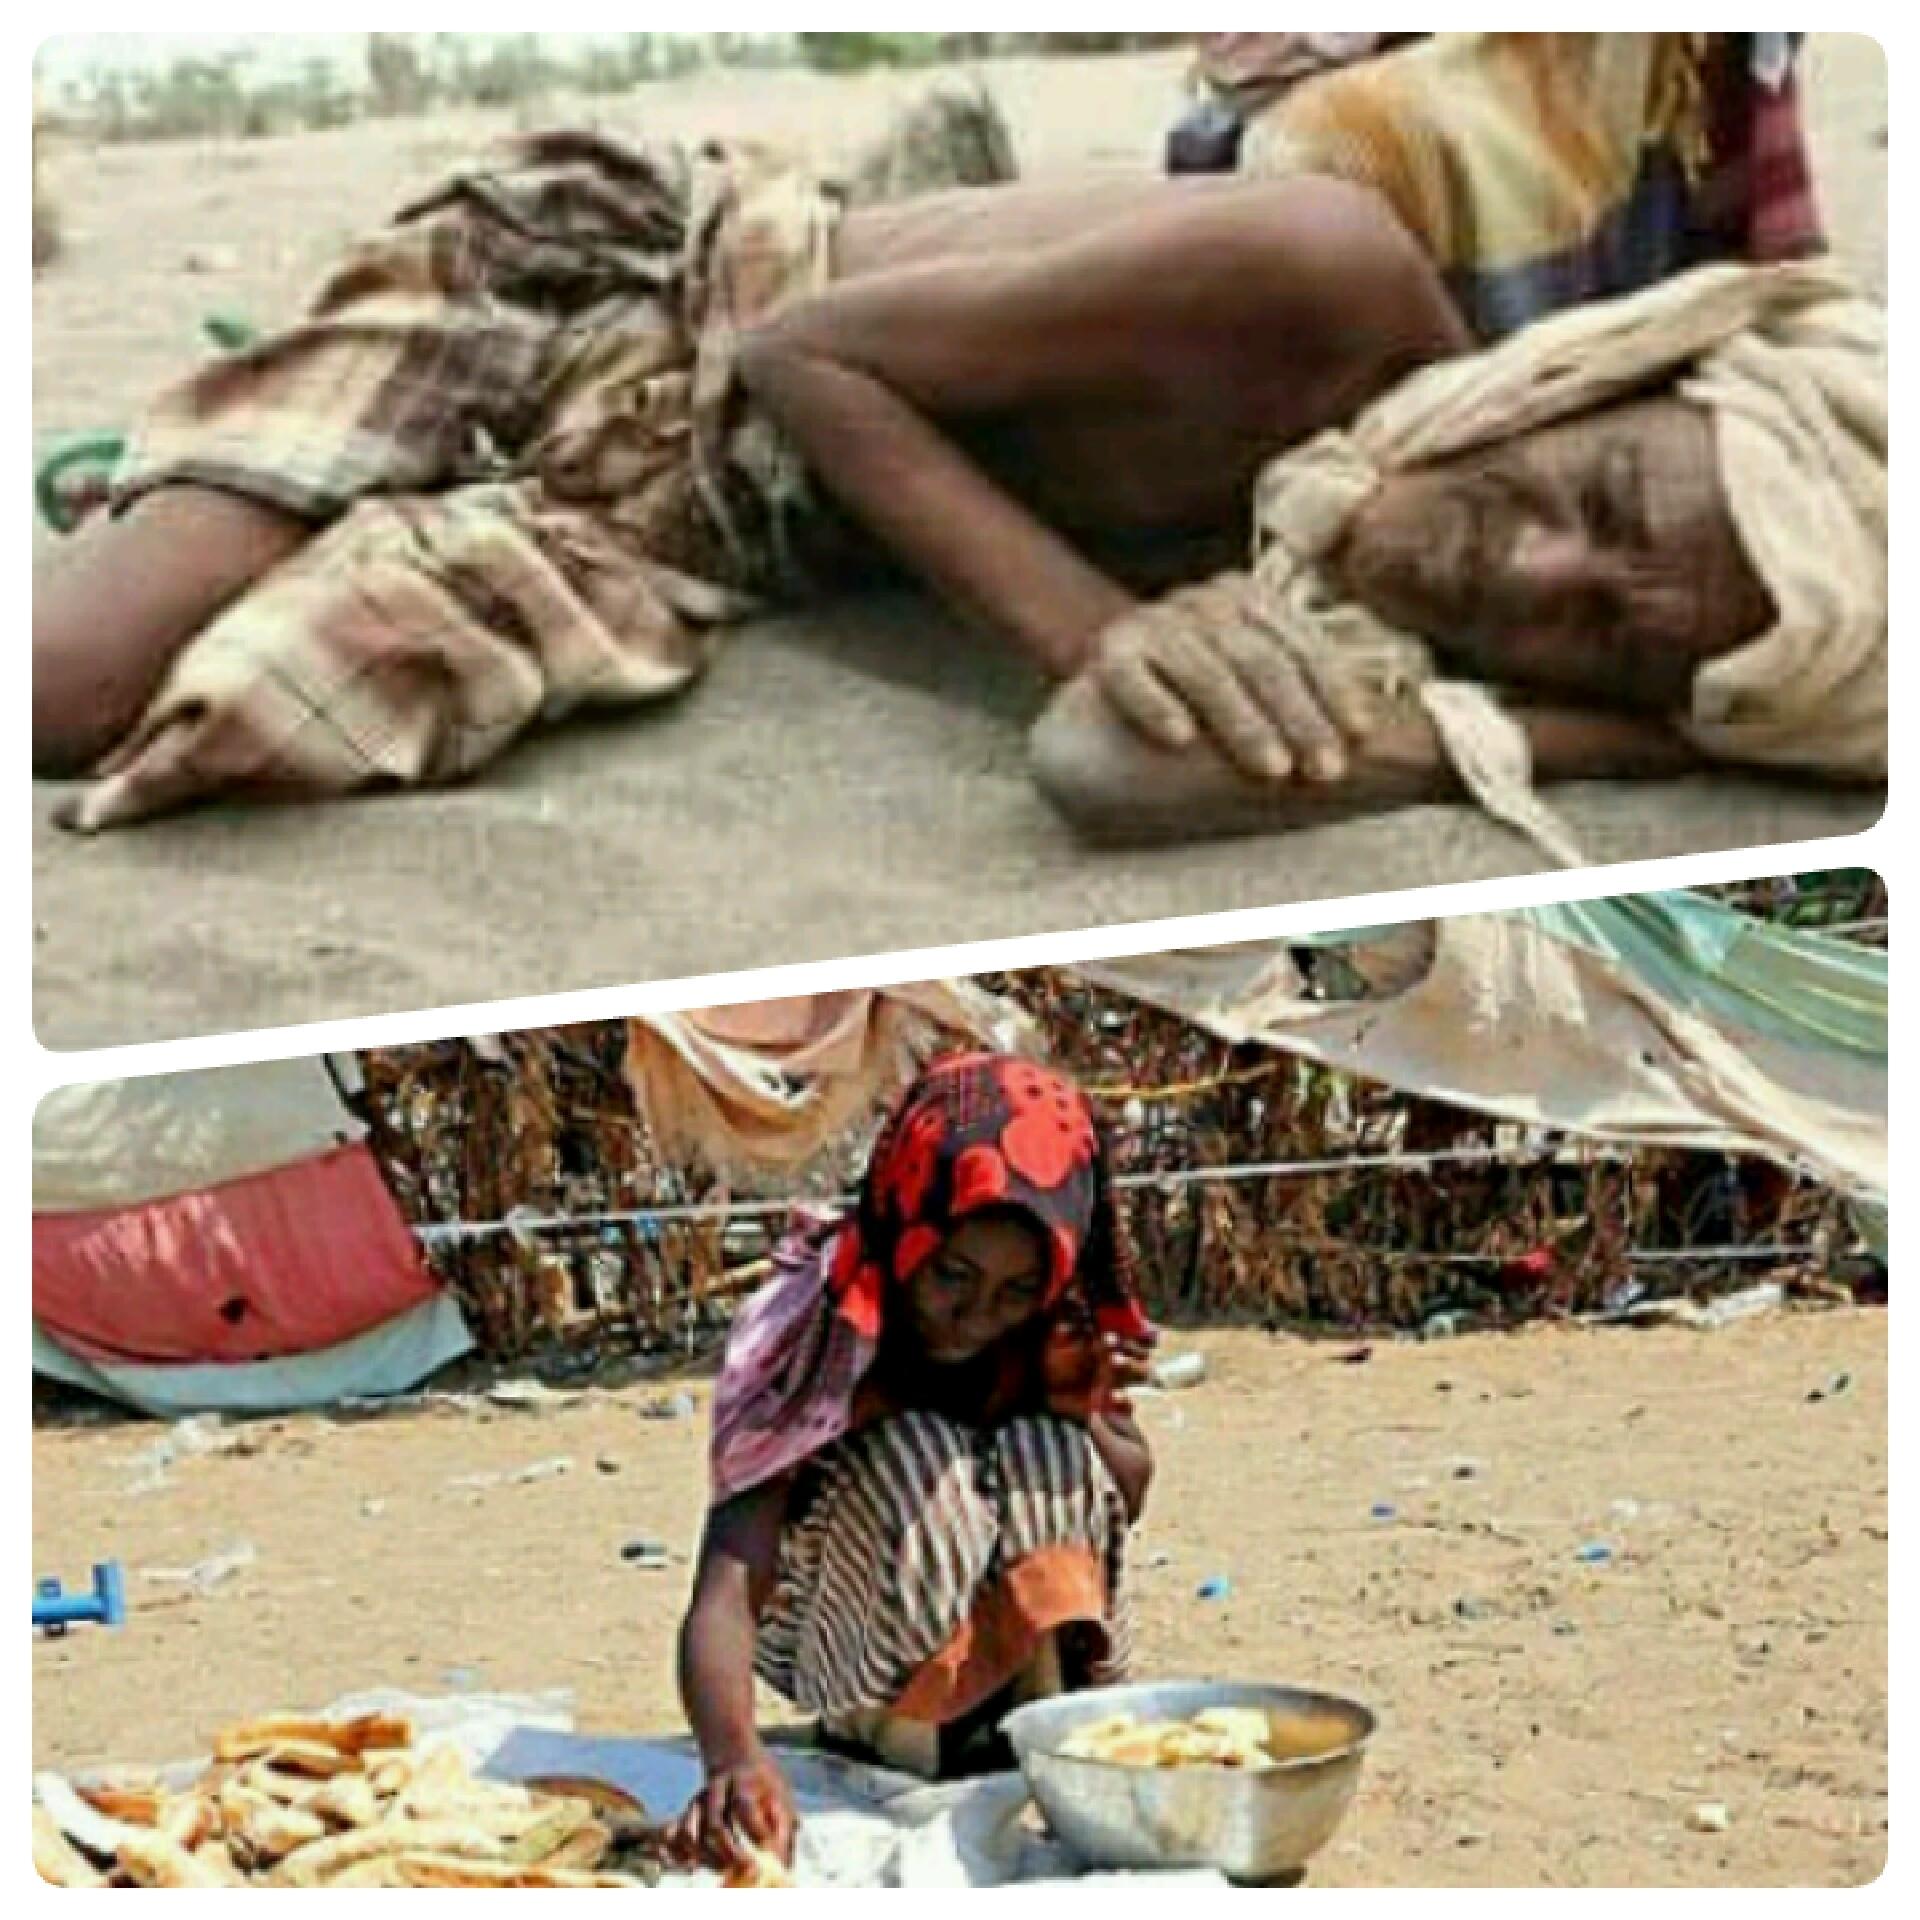 الأمم المتحدة : 9 ملايين يمني تضرروا من نقص التمويل الغذائي